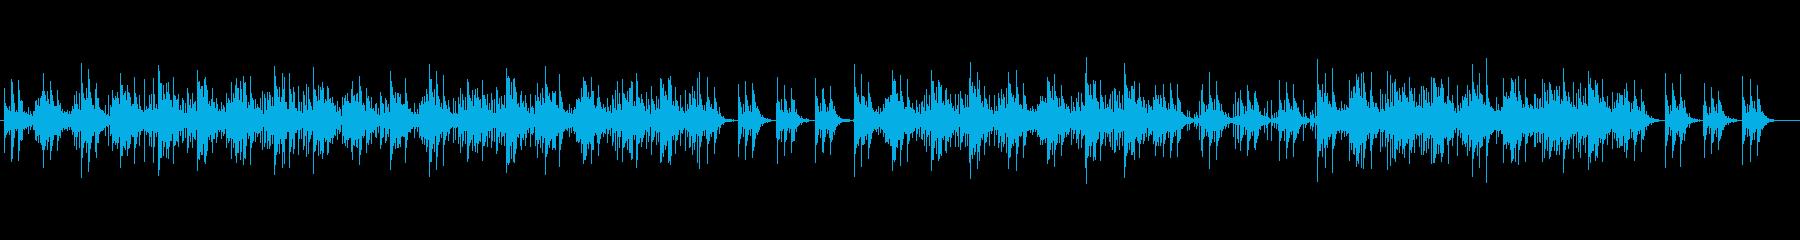 企業PV向け静かでおしゃれな曲の再生済みの波形